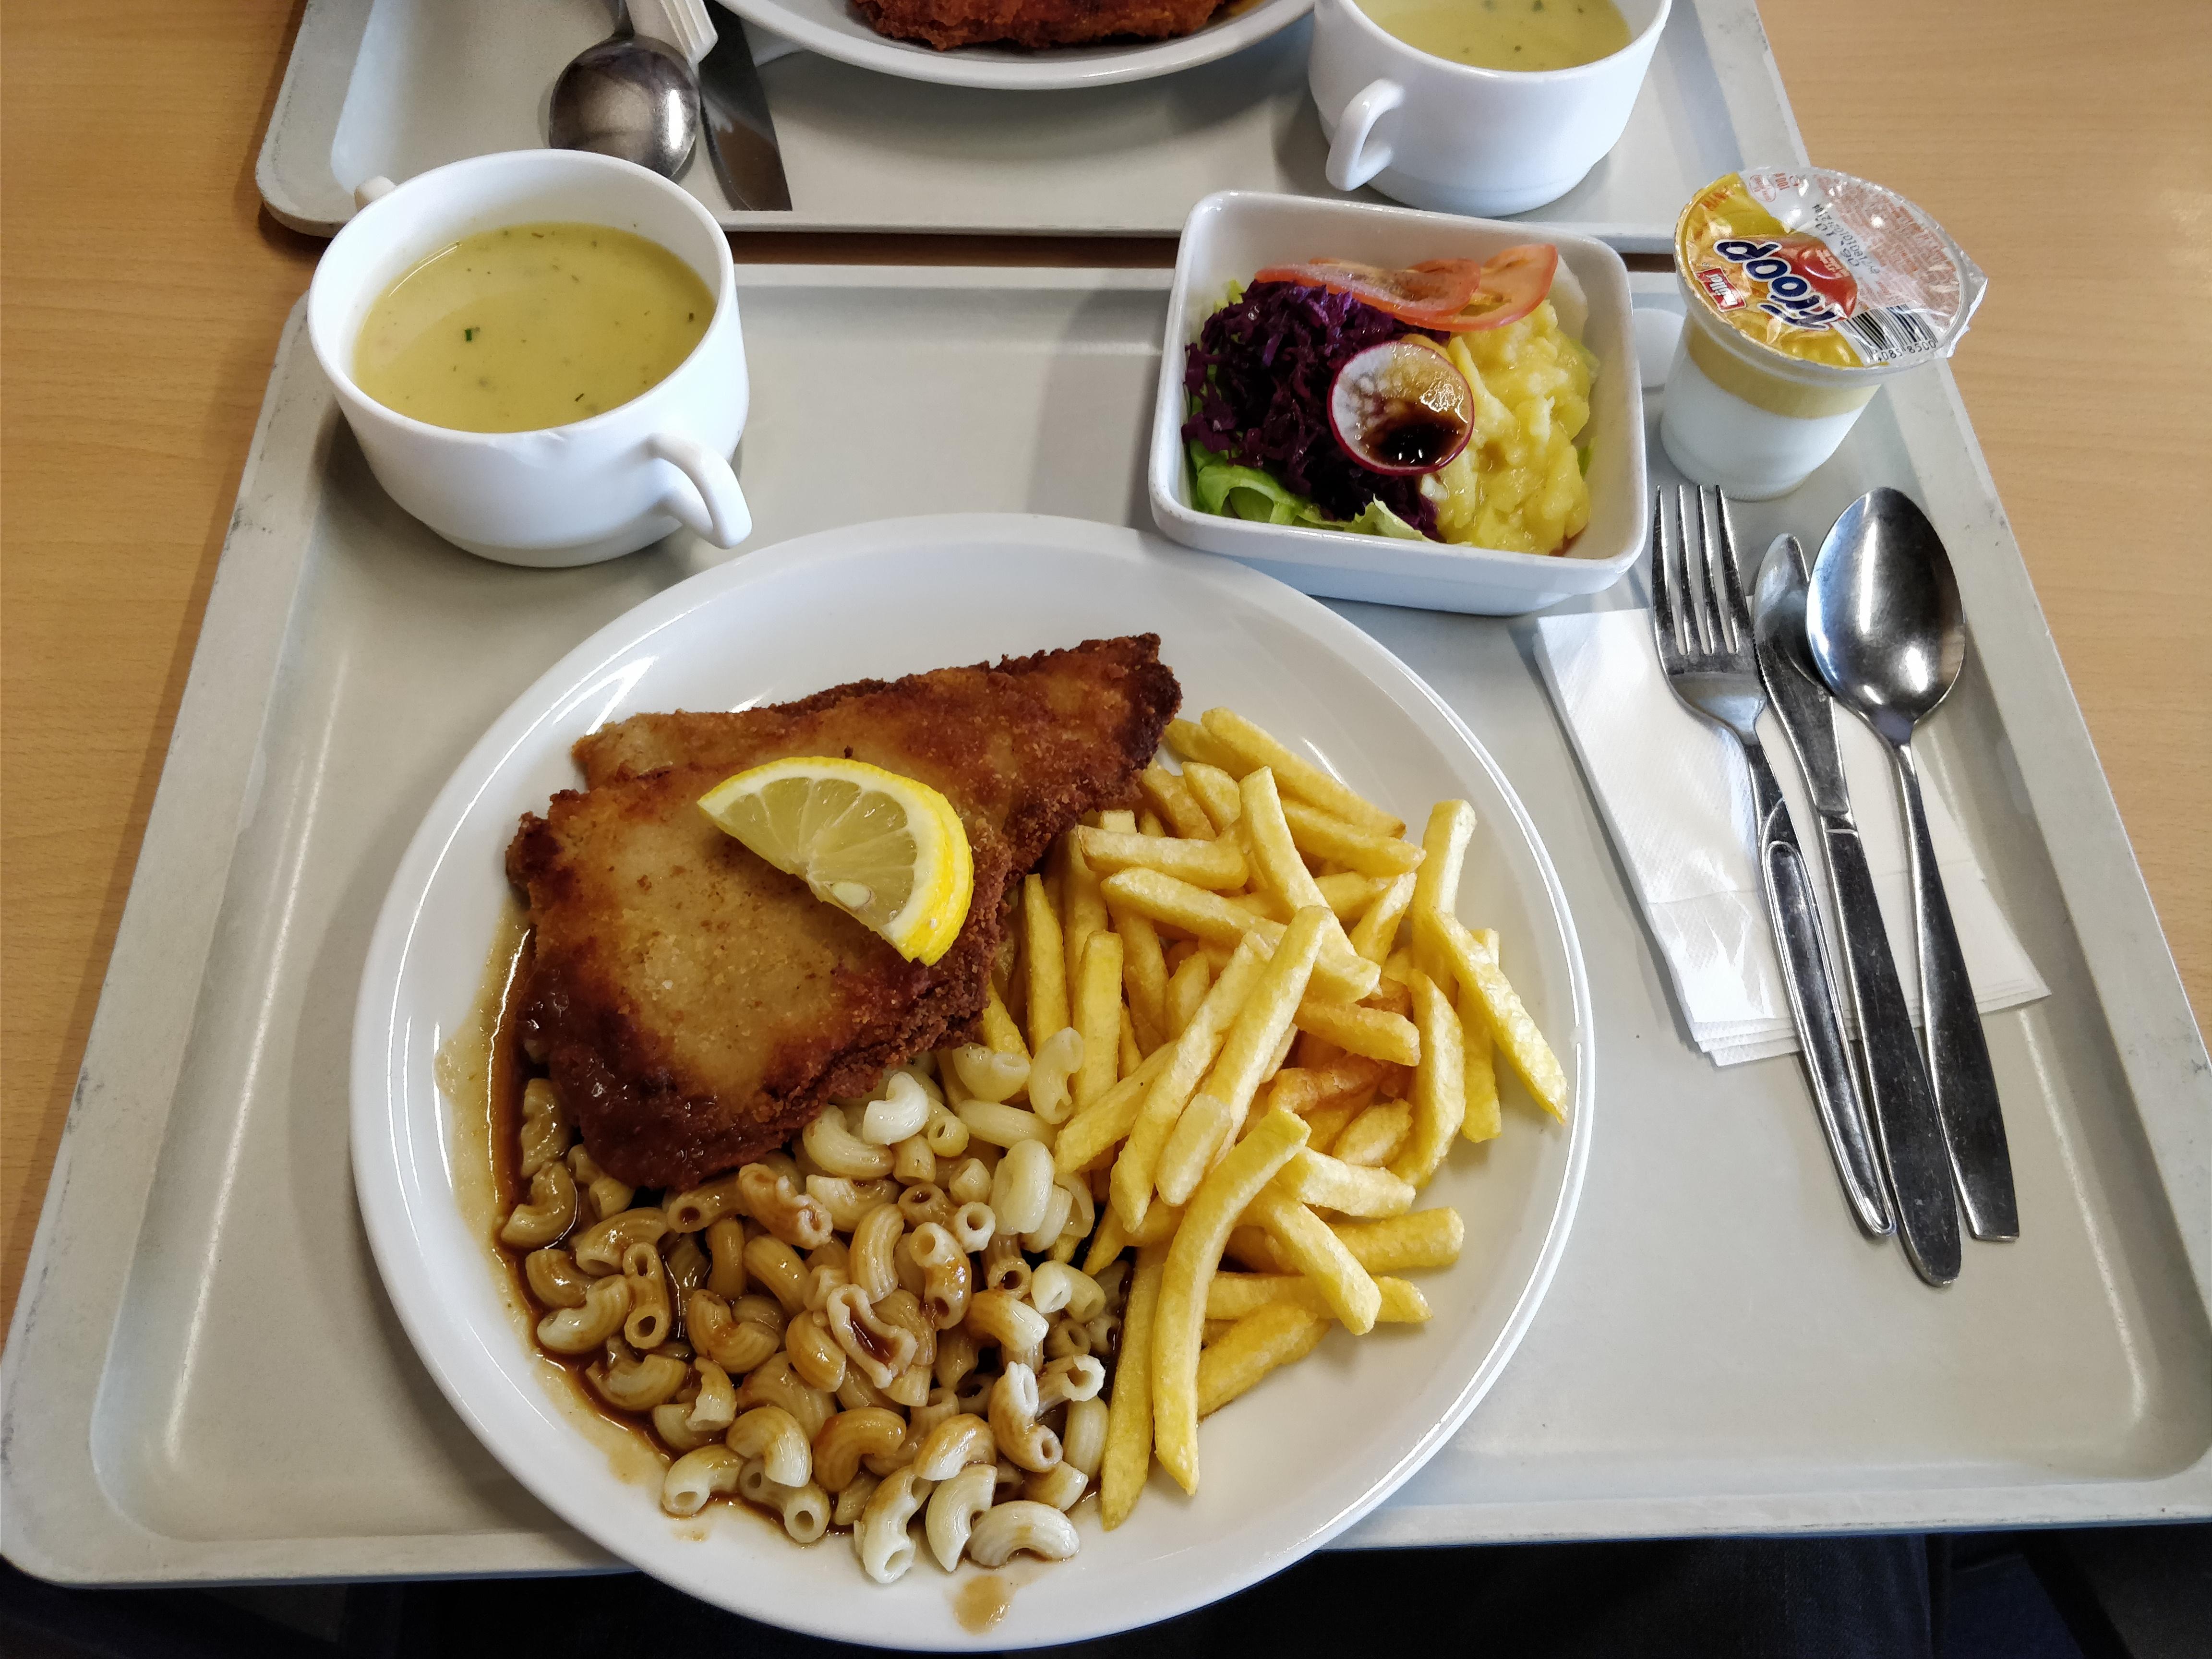 http://foodloader.net/nico_2017-09-14_cordon-bleu-pommes-nudeln-suppe-salat-joghurt.jpg